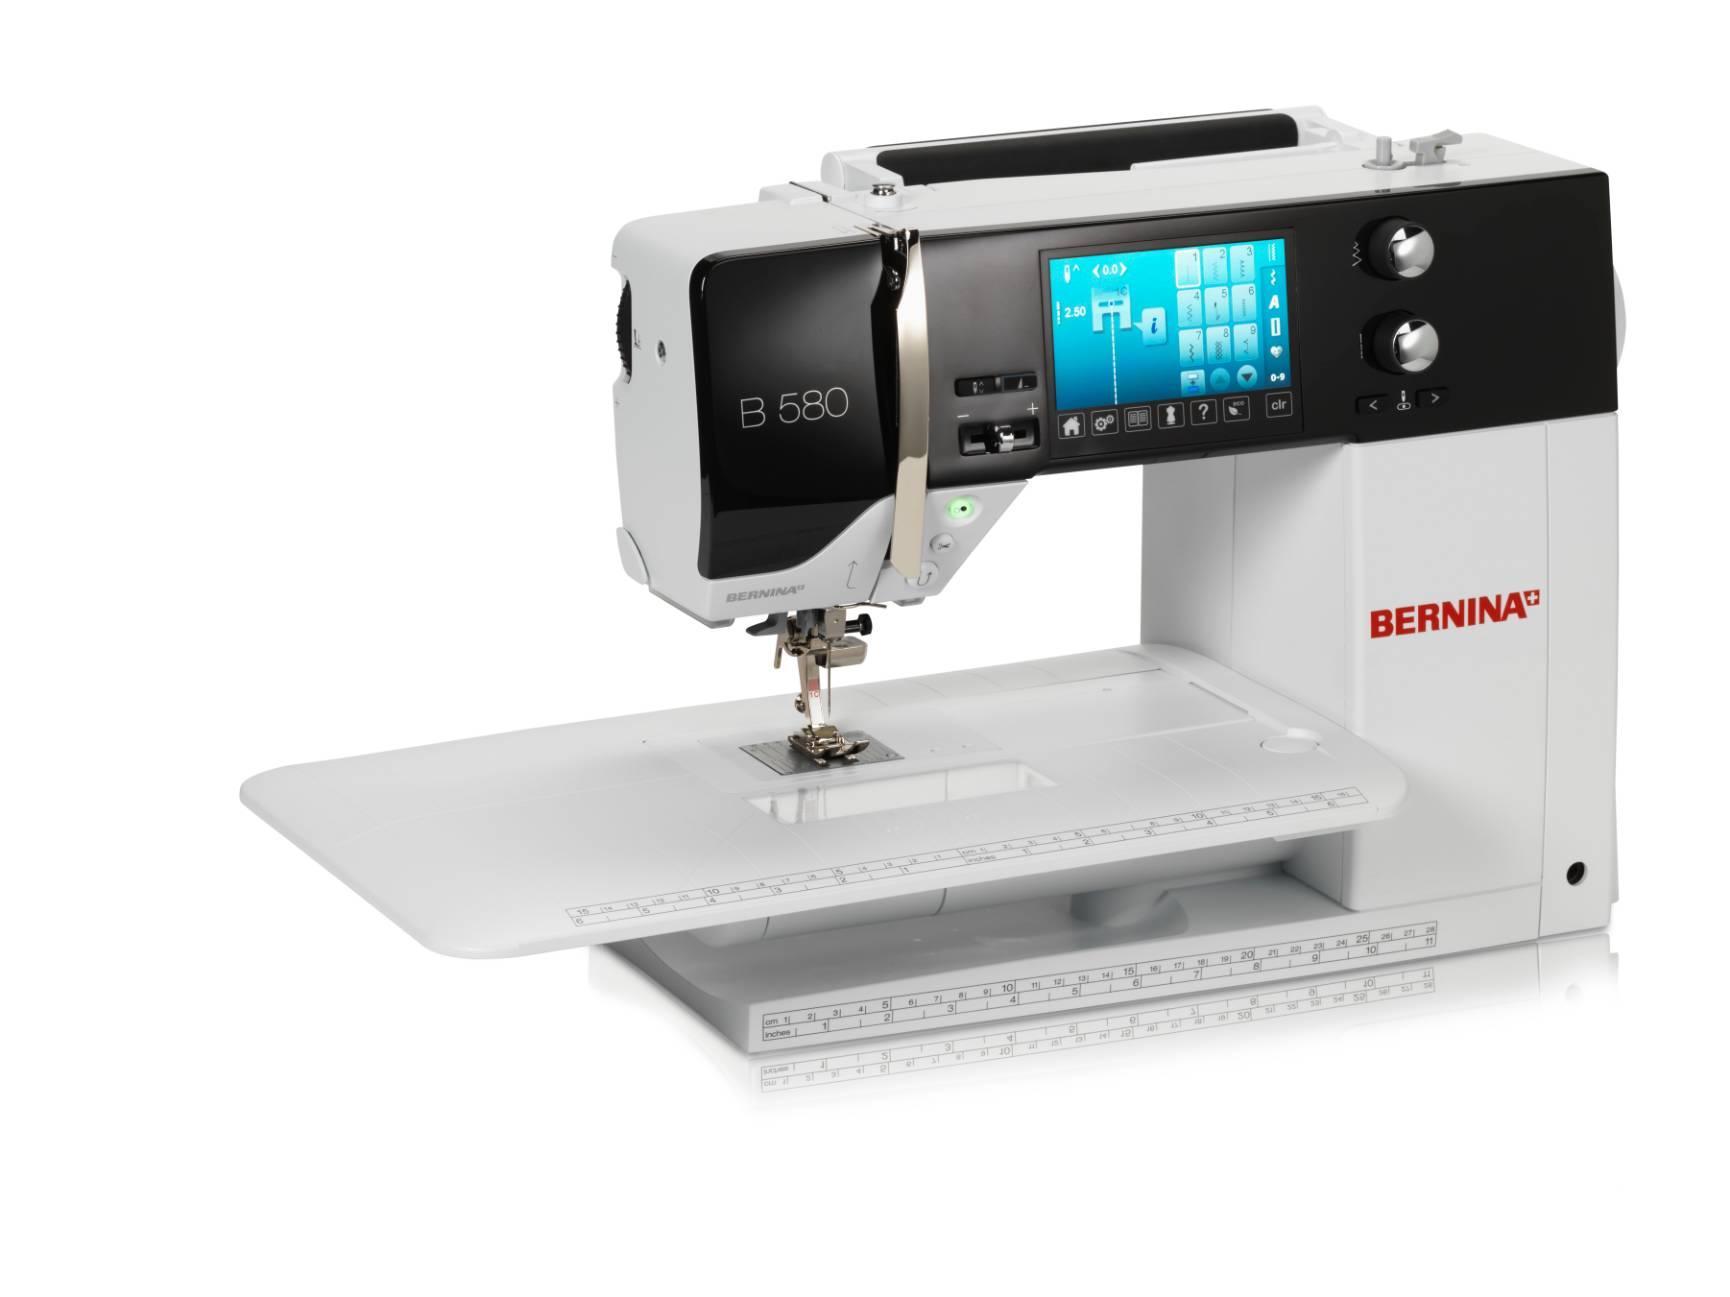 Bernina-580-Standard_-Anschiebetisch57e115beaa1eb